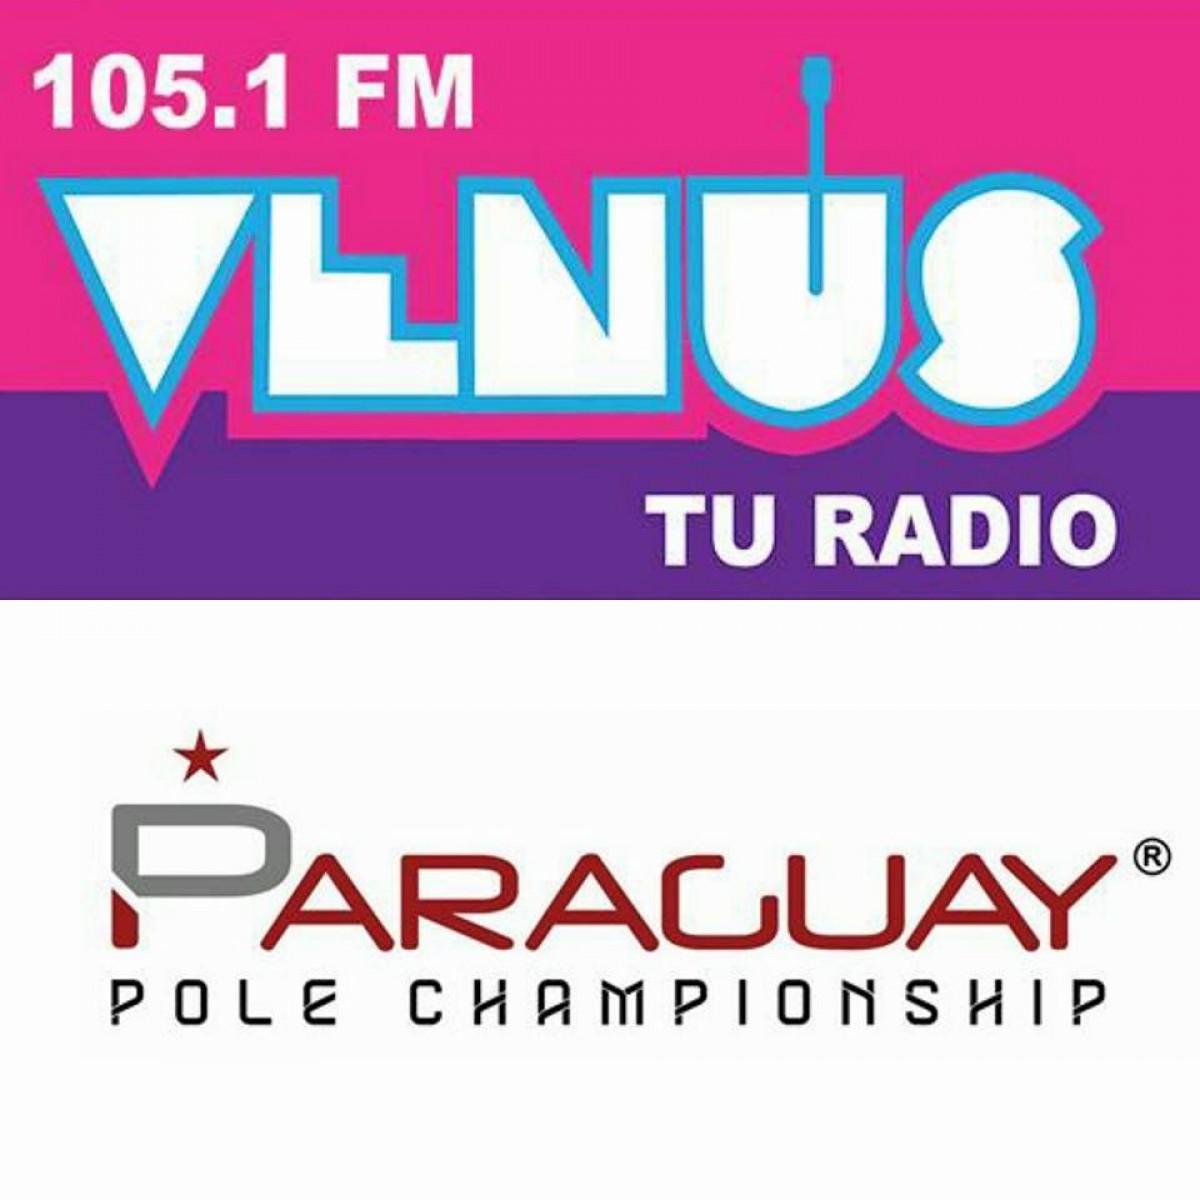 Llega el Paraguay Pole Championship